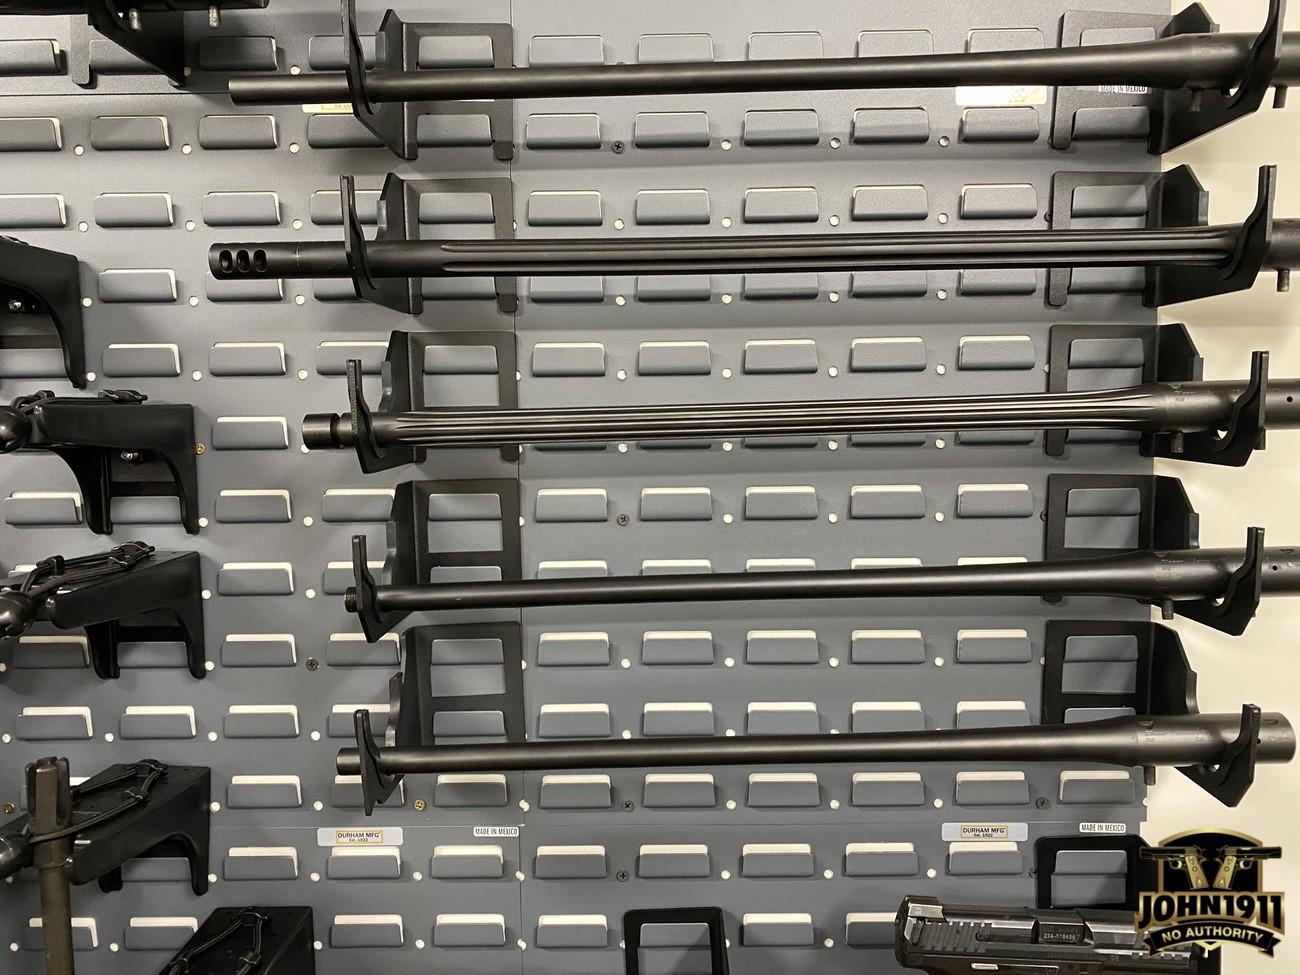 Horizontal Display Secureit Gun Storage